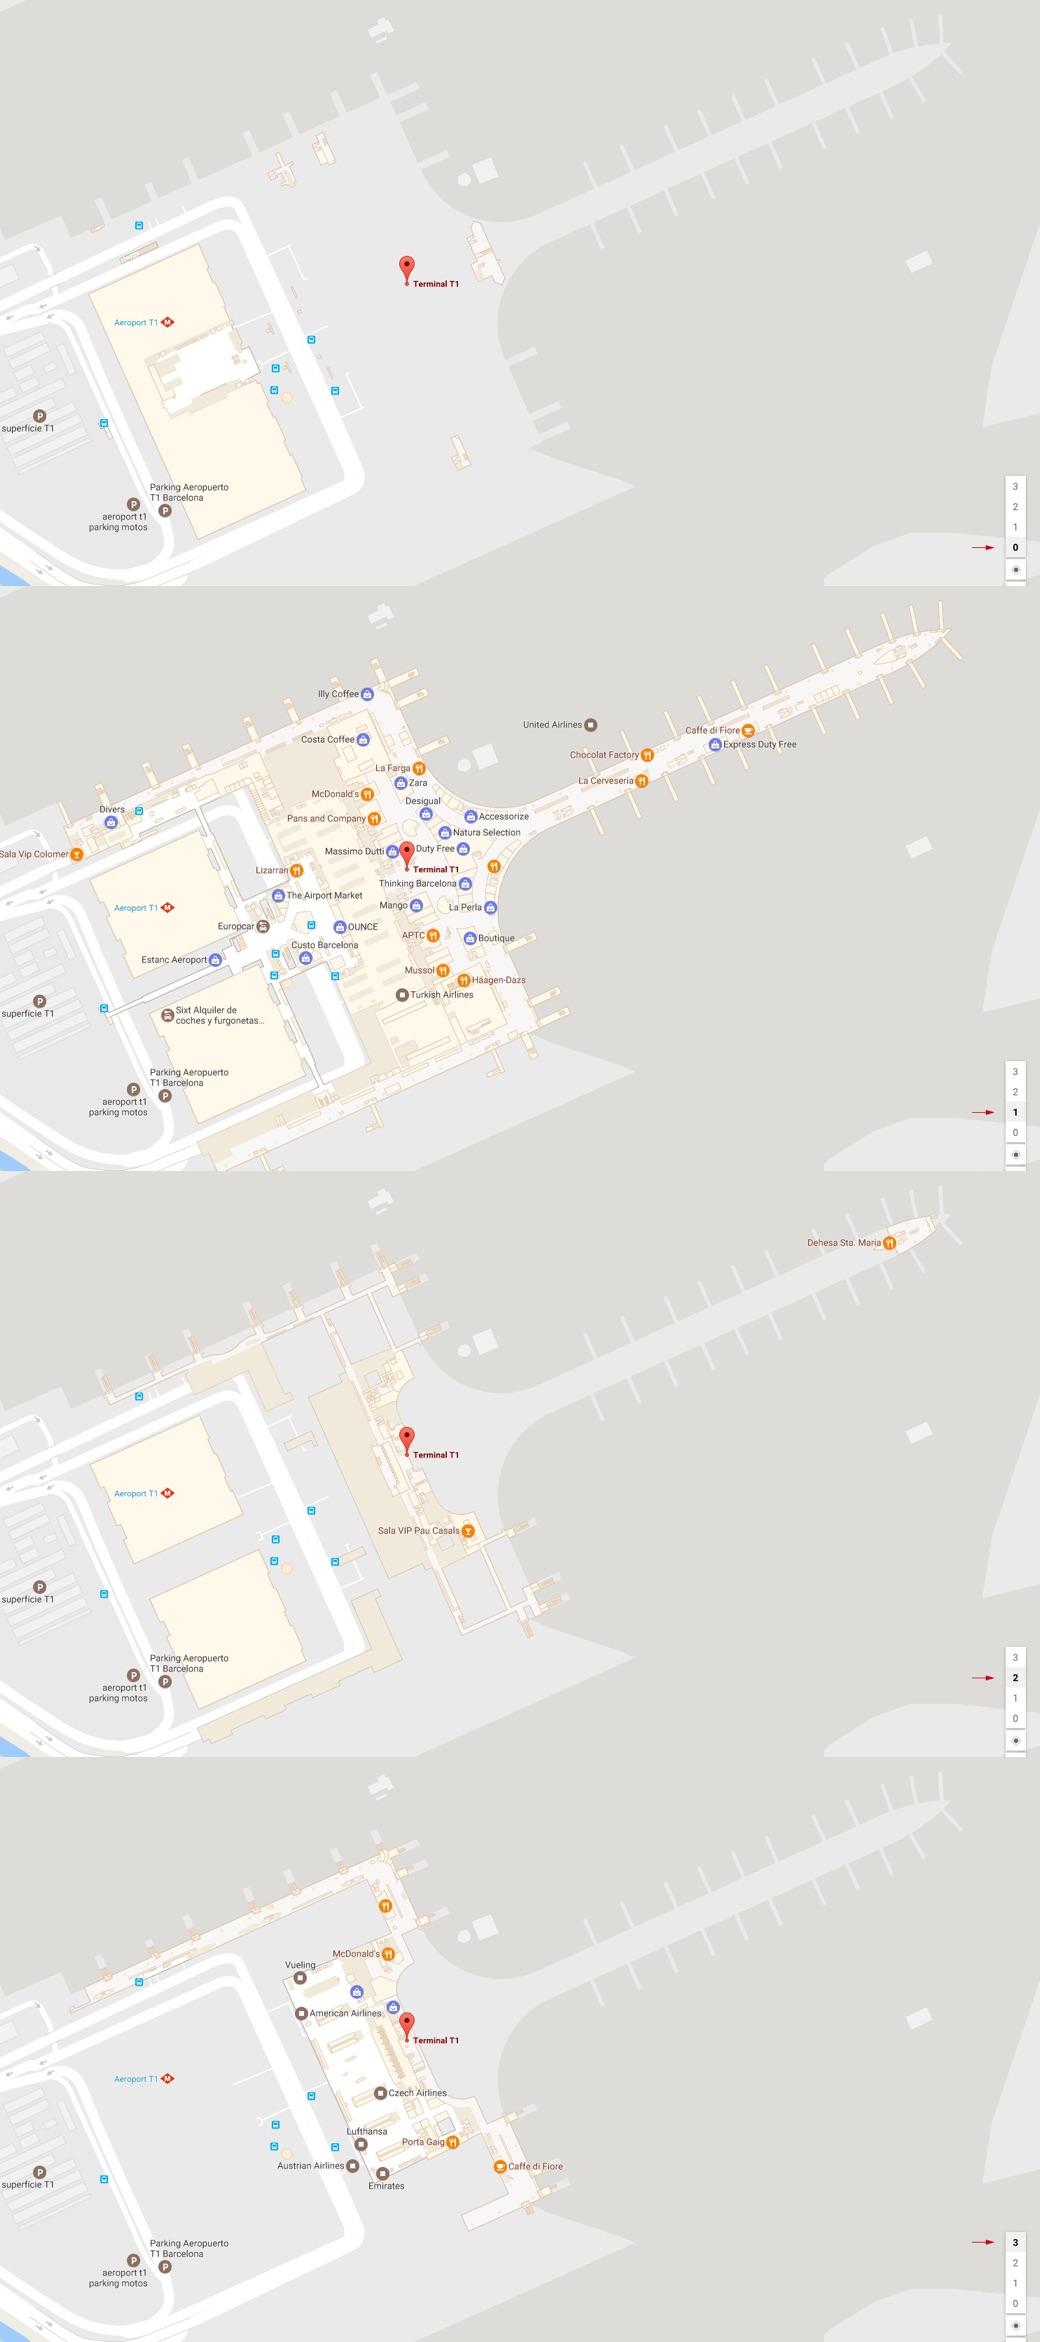 Aeropuerto de Barcelona - el Prat en Mapas Interiores de Google Maps